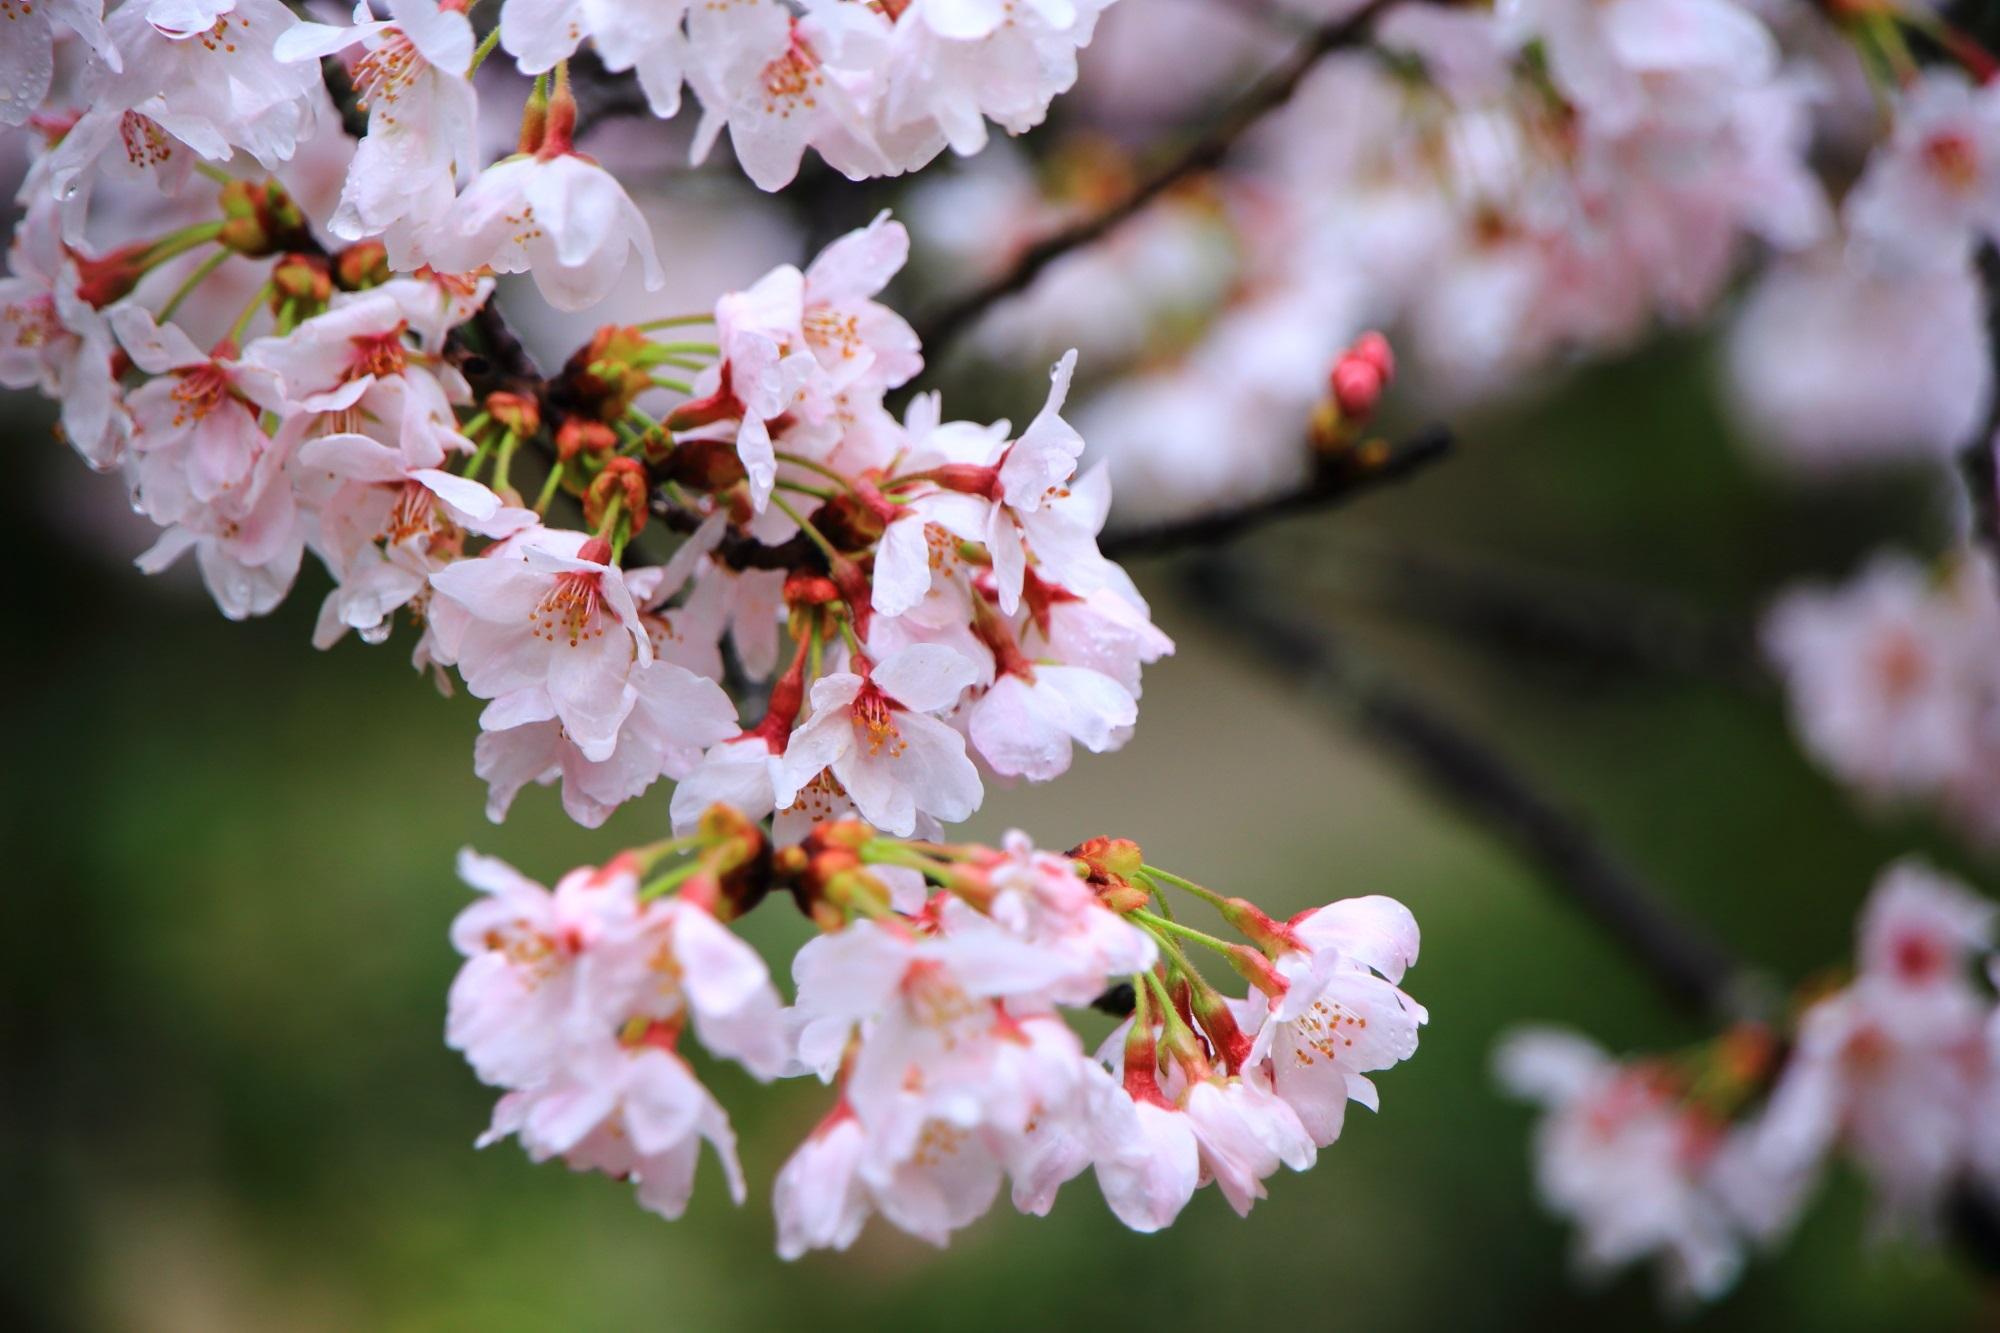 雨に濡れてしっとりした桜